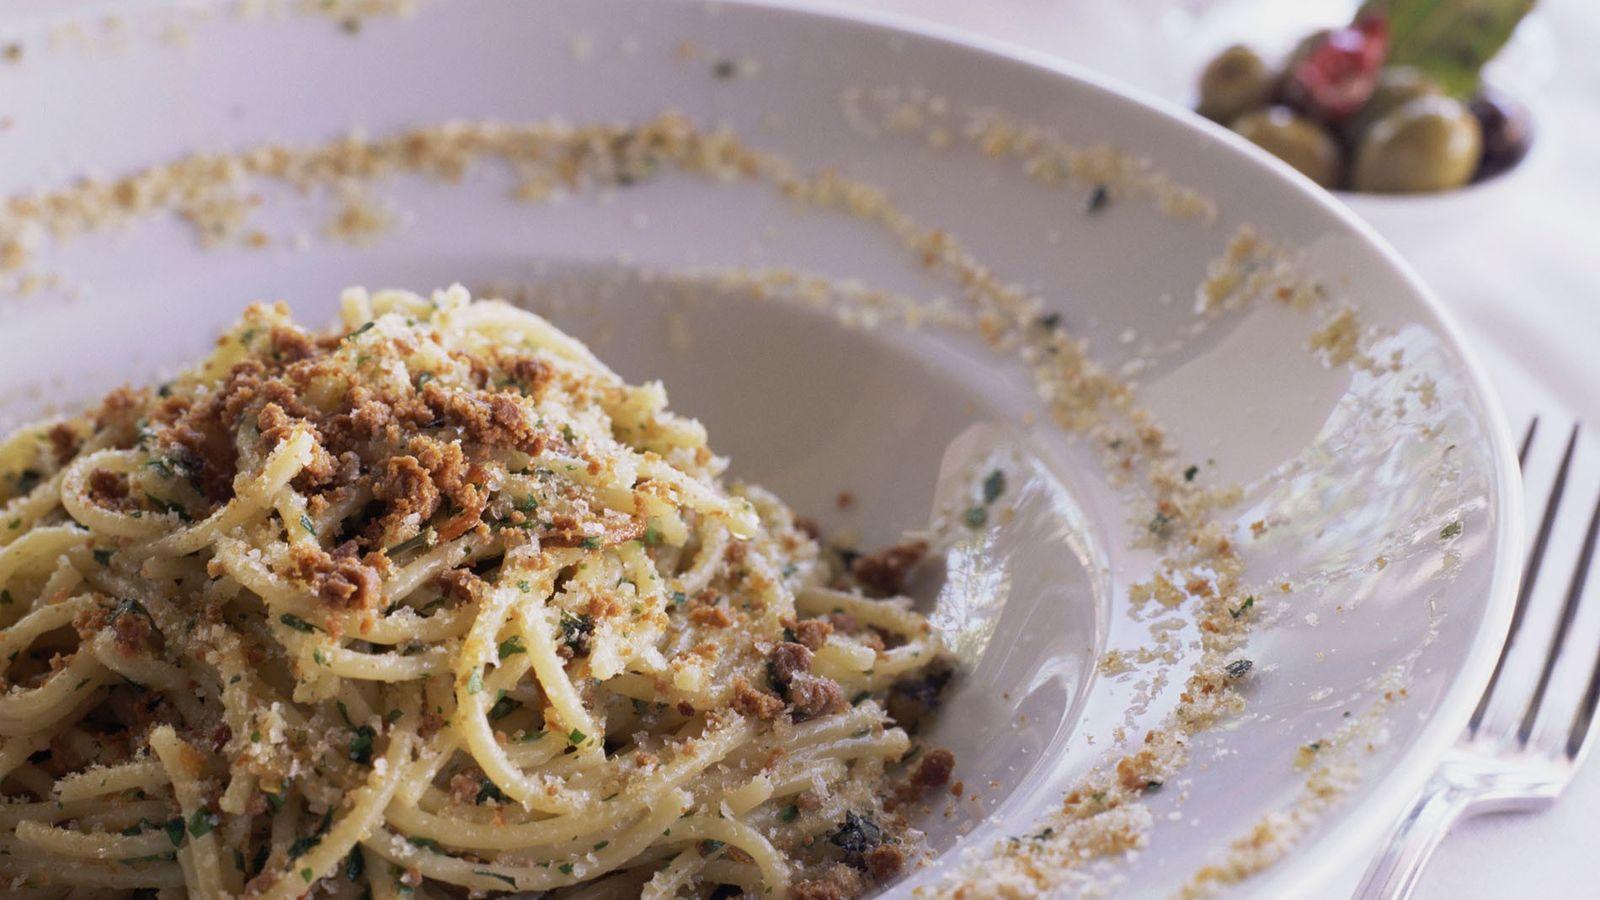 Pasta con le sarde — or 'pasta with sardines' — combines wild fennel, sultanas, pine nuts, ...